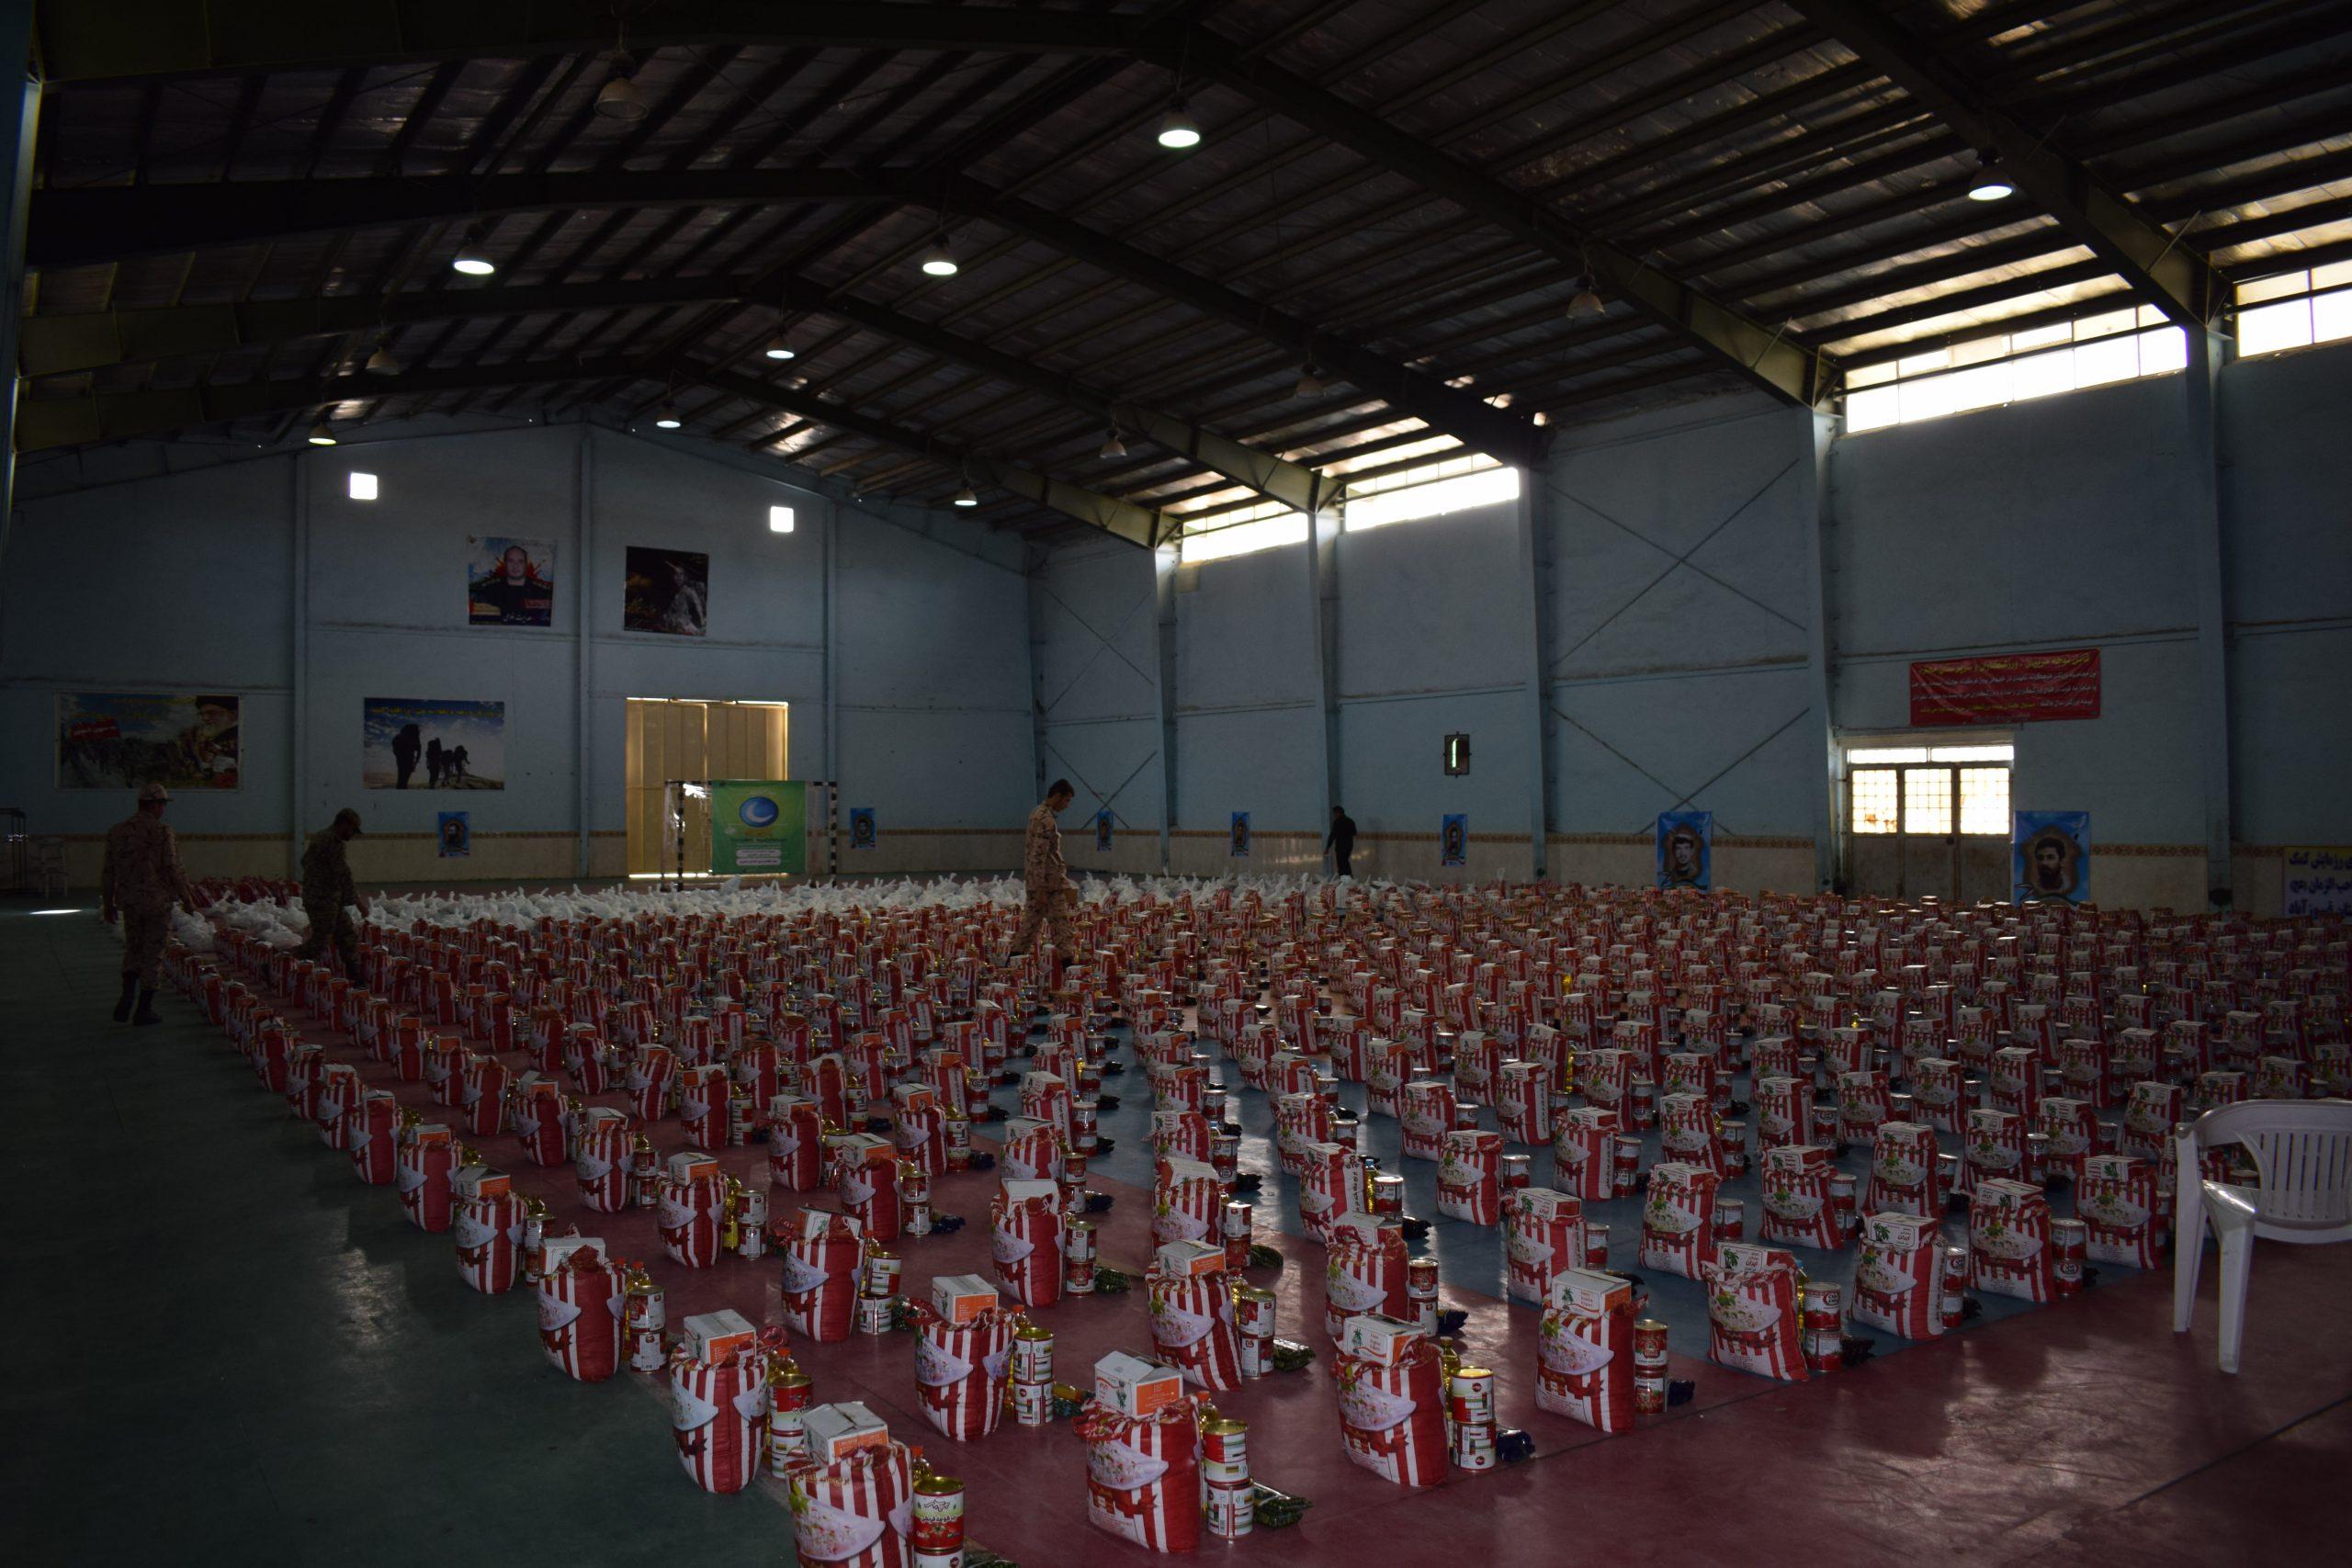 توزیع 1200 بسته معیشتی کمکهای مومنانه در شهرستان فیروزآباد